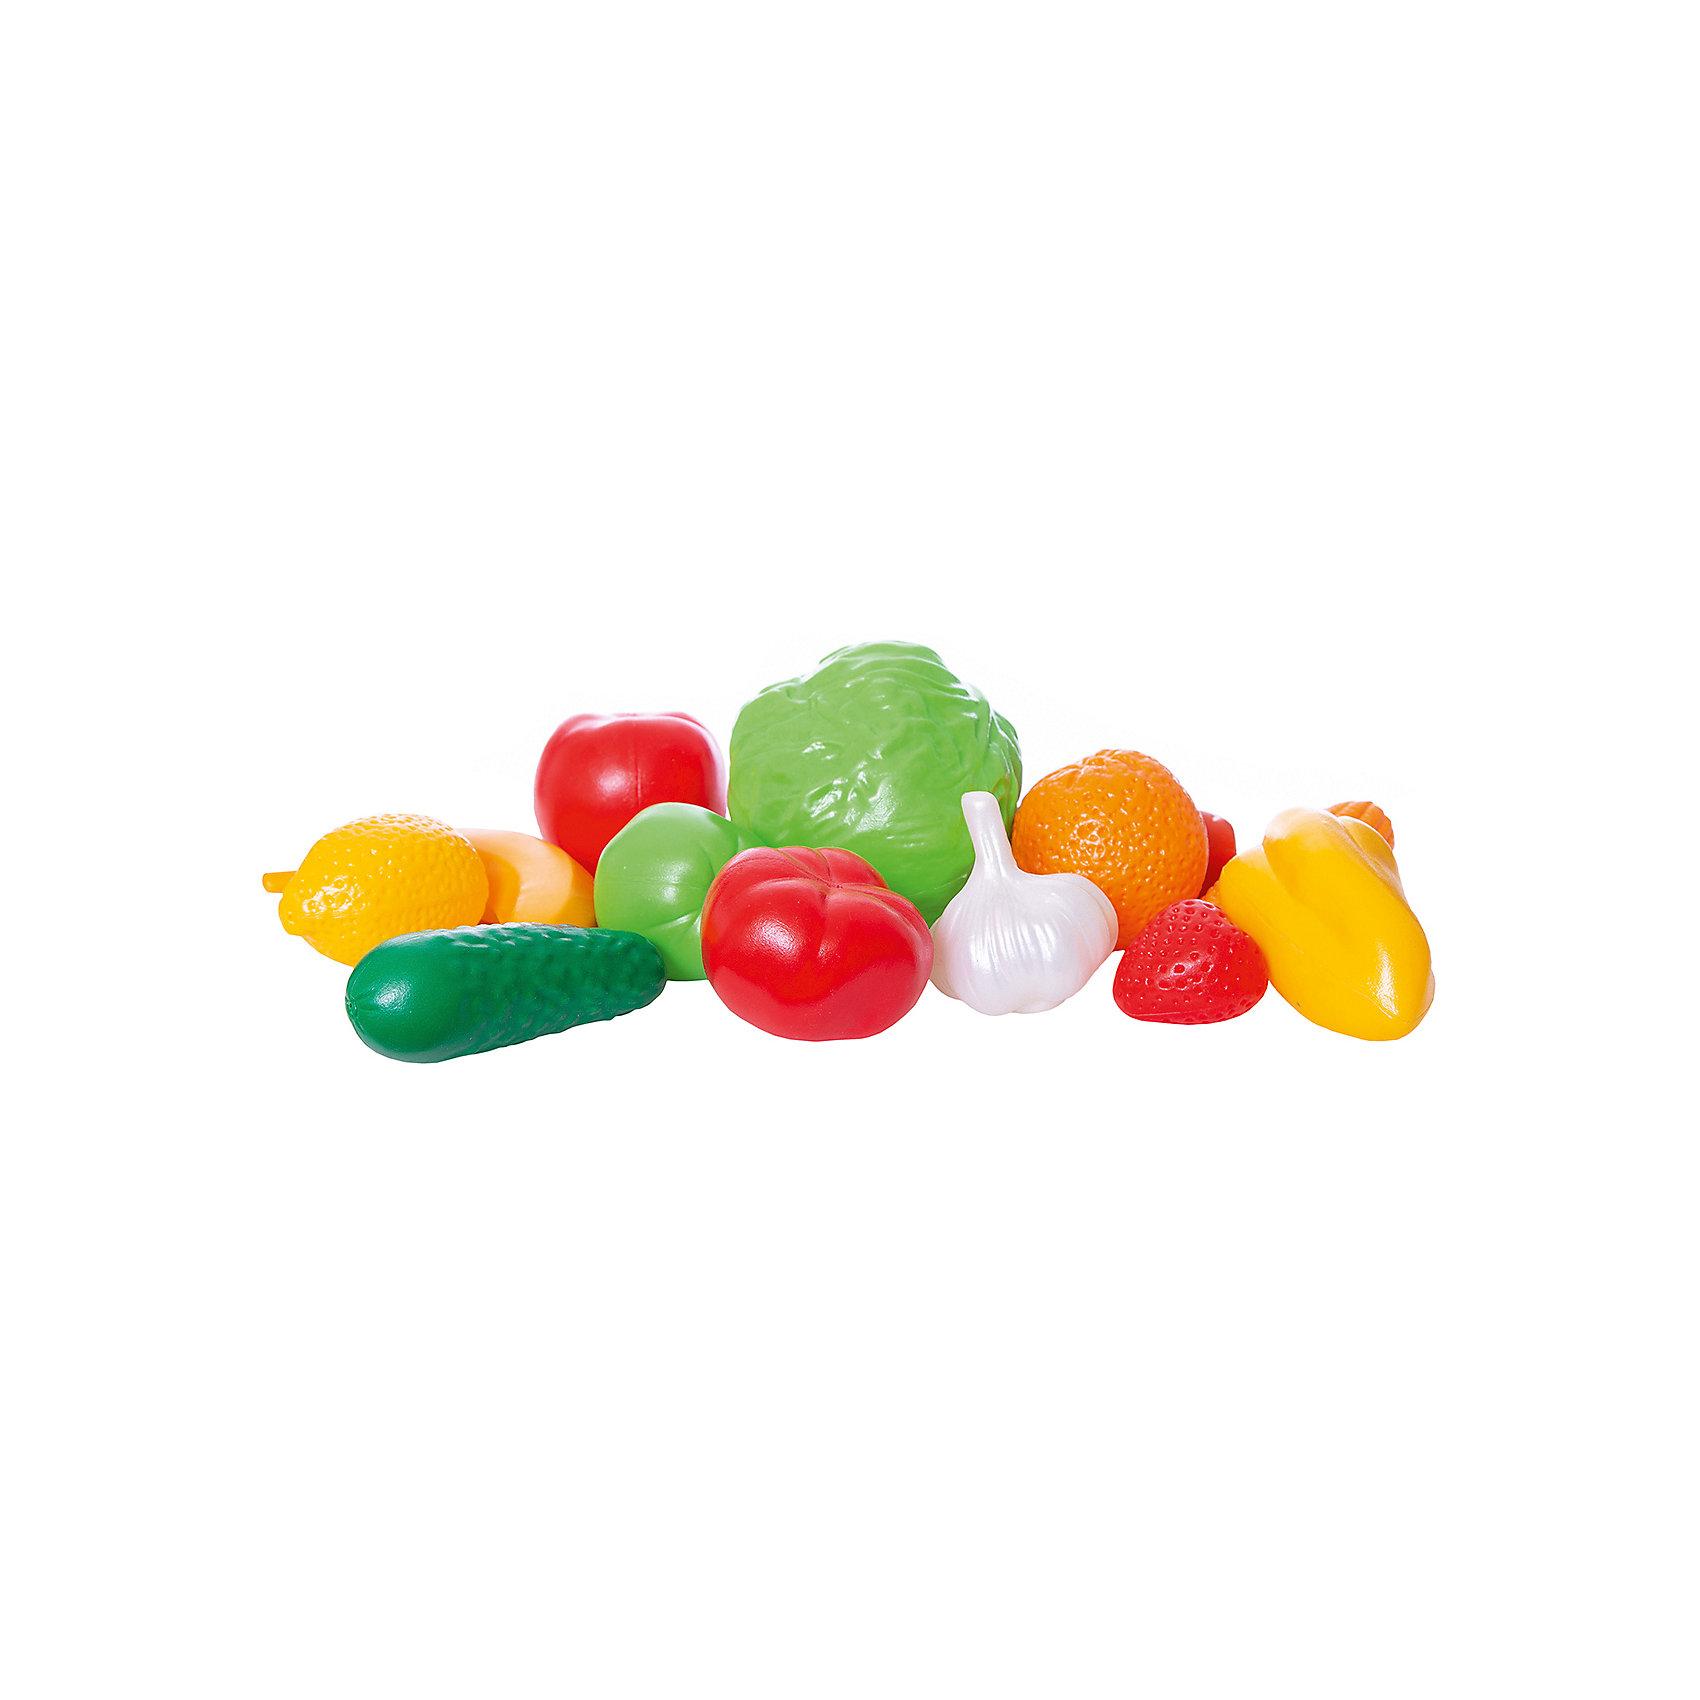 Набор Фрукты, Овощи, НордпластИгрушечные продукты питания<br>Набор Фрукты, Овощи, Нордпласт – это яркие и очень реалистичные муляжи фруктов и овощей.<br>Большой набор «Фрукты, овощи» от крупнейшего российского производителя детских игрушек из пластмассы фирмы Нордпласт – это интересный, развивающий набор высокого качества. Такой замечательный набор фруктов и овощей будет интересен и полезен как самым маленьким детишкам, которые только начинают изучать и осваивать мир вокруг себя, так и детям постарше. Набор можно использовать как вспомогательный материал для обучения счету и цветам, а также для тематической сюжетно-ролевой игры. Интересный набор с яркими детализировано проработанными фруктами и овощами, безусловно, доставит море веселья и радости Вашему ребенку. Размеры овощей фруктов приближены к натуральным. Набор абсолютно безвреден для Вашего ребенка, так как выполнен из прочной и гипоаллергенной пластмассы.<br><br>Дополнительная информация:<br><br>- В наборе: кочан капусты, сладкий перец, помидор, огурец, морковка, початок кукурузы, банан, головка чеснока, груша, апельсин, лимон, клубника, яблоко<br>- Количество предметов: 13<br>- Материал: высококачественная пластмасса<br>- Упаковка: сетка<br>- Вес: 230 гр.<br><br>Набор Фрукты, Овощи, Нордпласт можно купить в нашем интернет-магазине.<br><br>Ширина мм: 210<br>Глубина мм: 120<br>Высота мм: 260<br>Вес г: 230<br>Возраст от месяцев: 36<br>Возраст до месяцев: 72<br>Пол: Унисекс<br>Возраст: Детский<br>SKU: 4112740